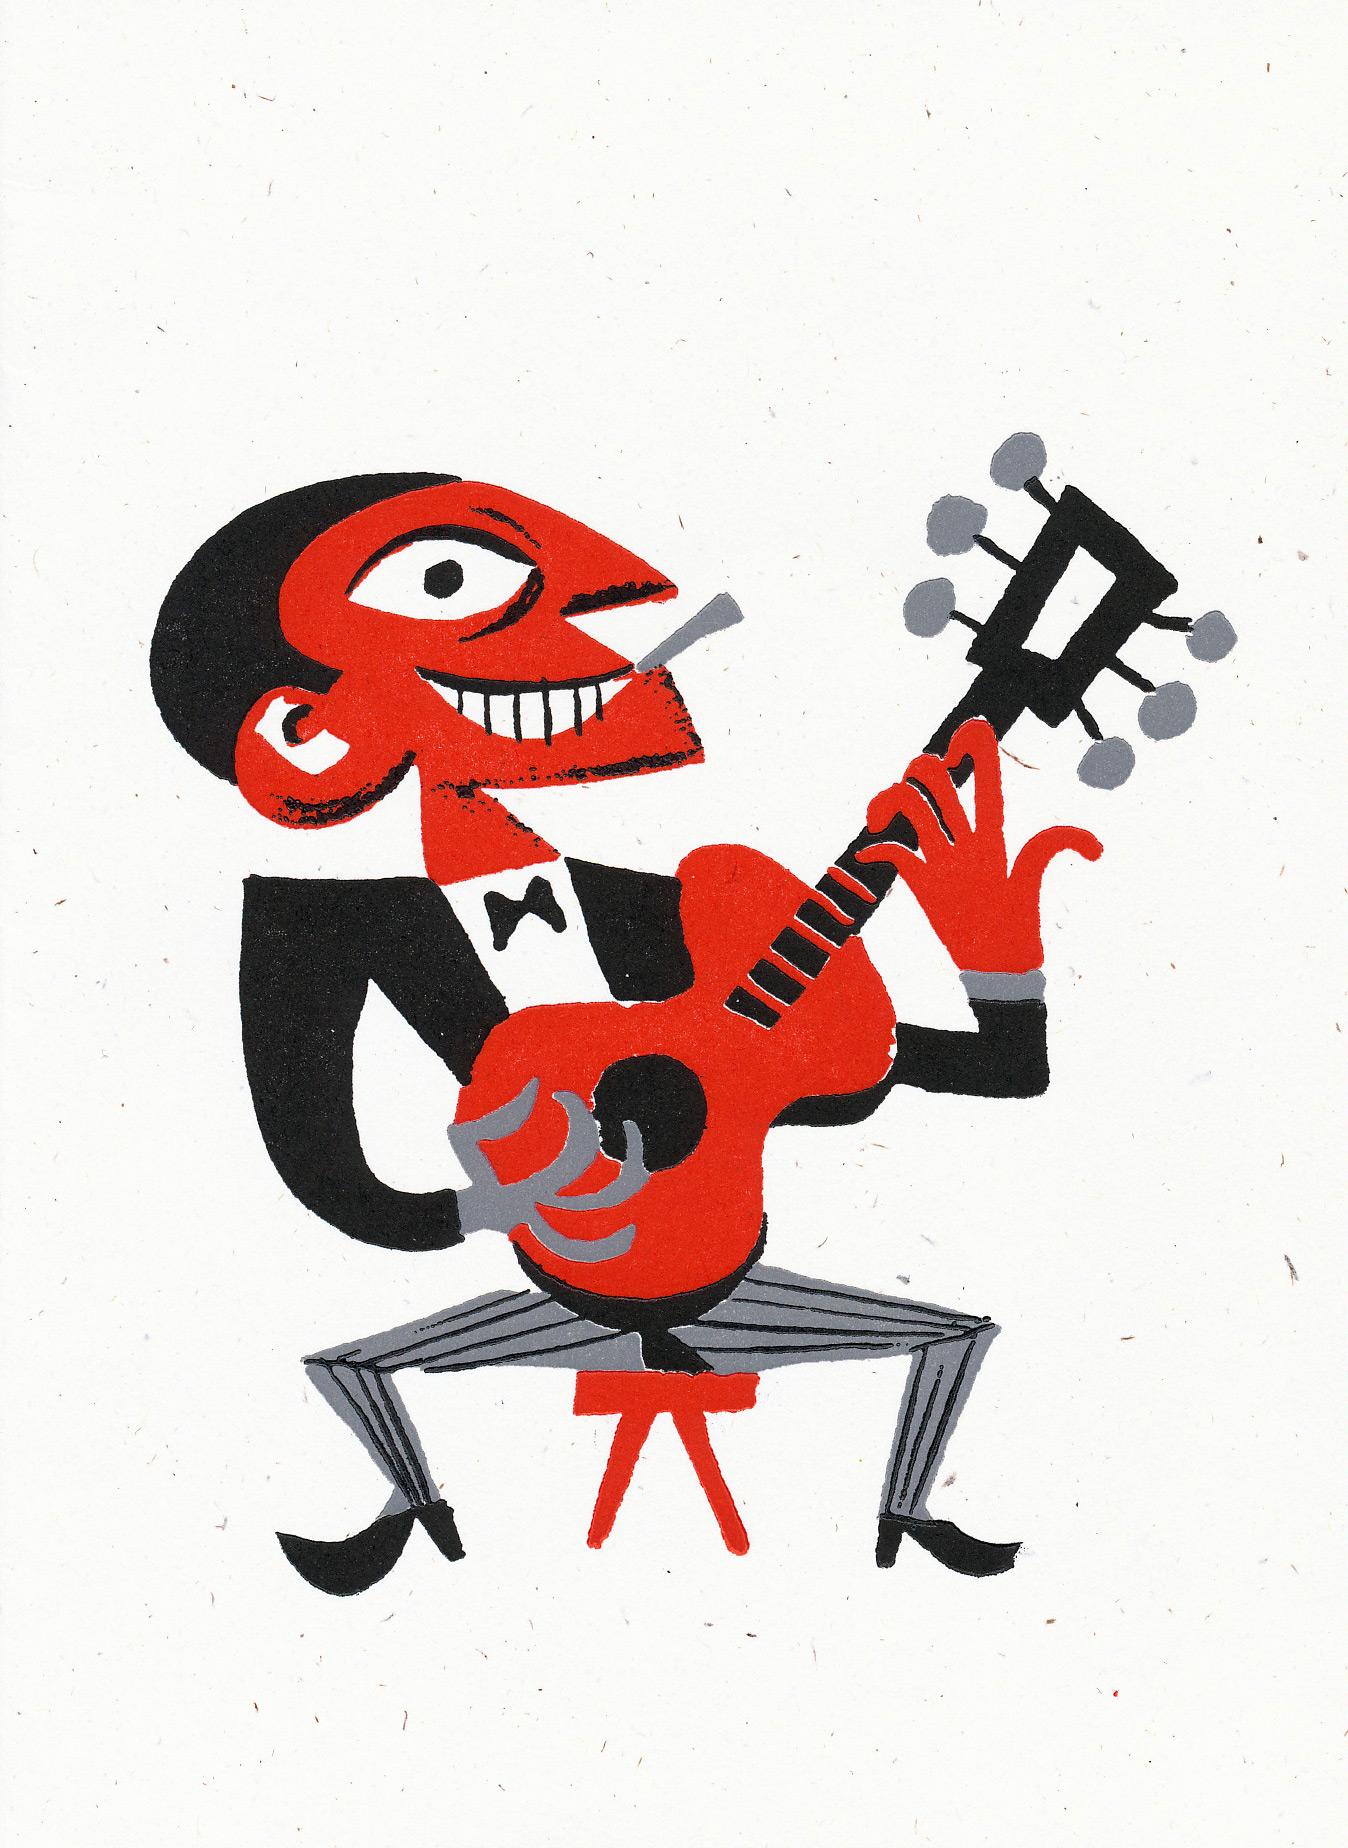 http://jrandomimage.com/images/illustration-by-jim-flora-.jpg